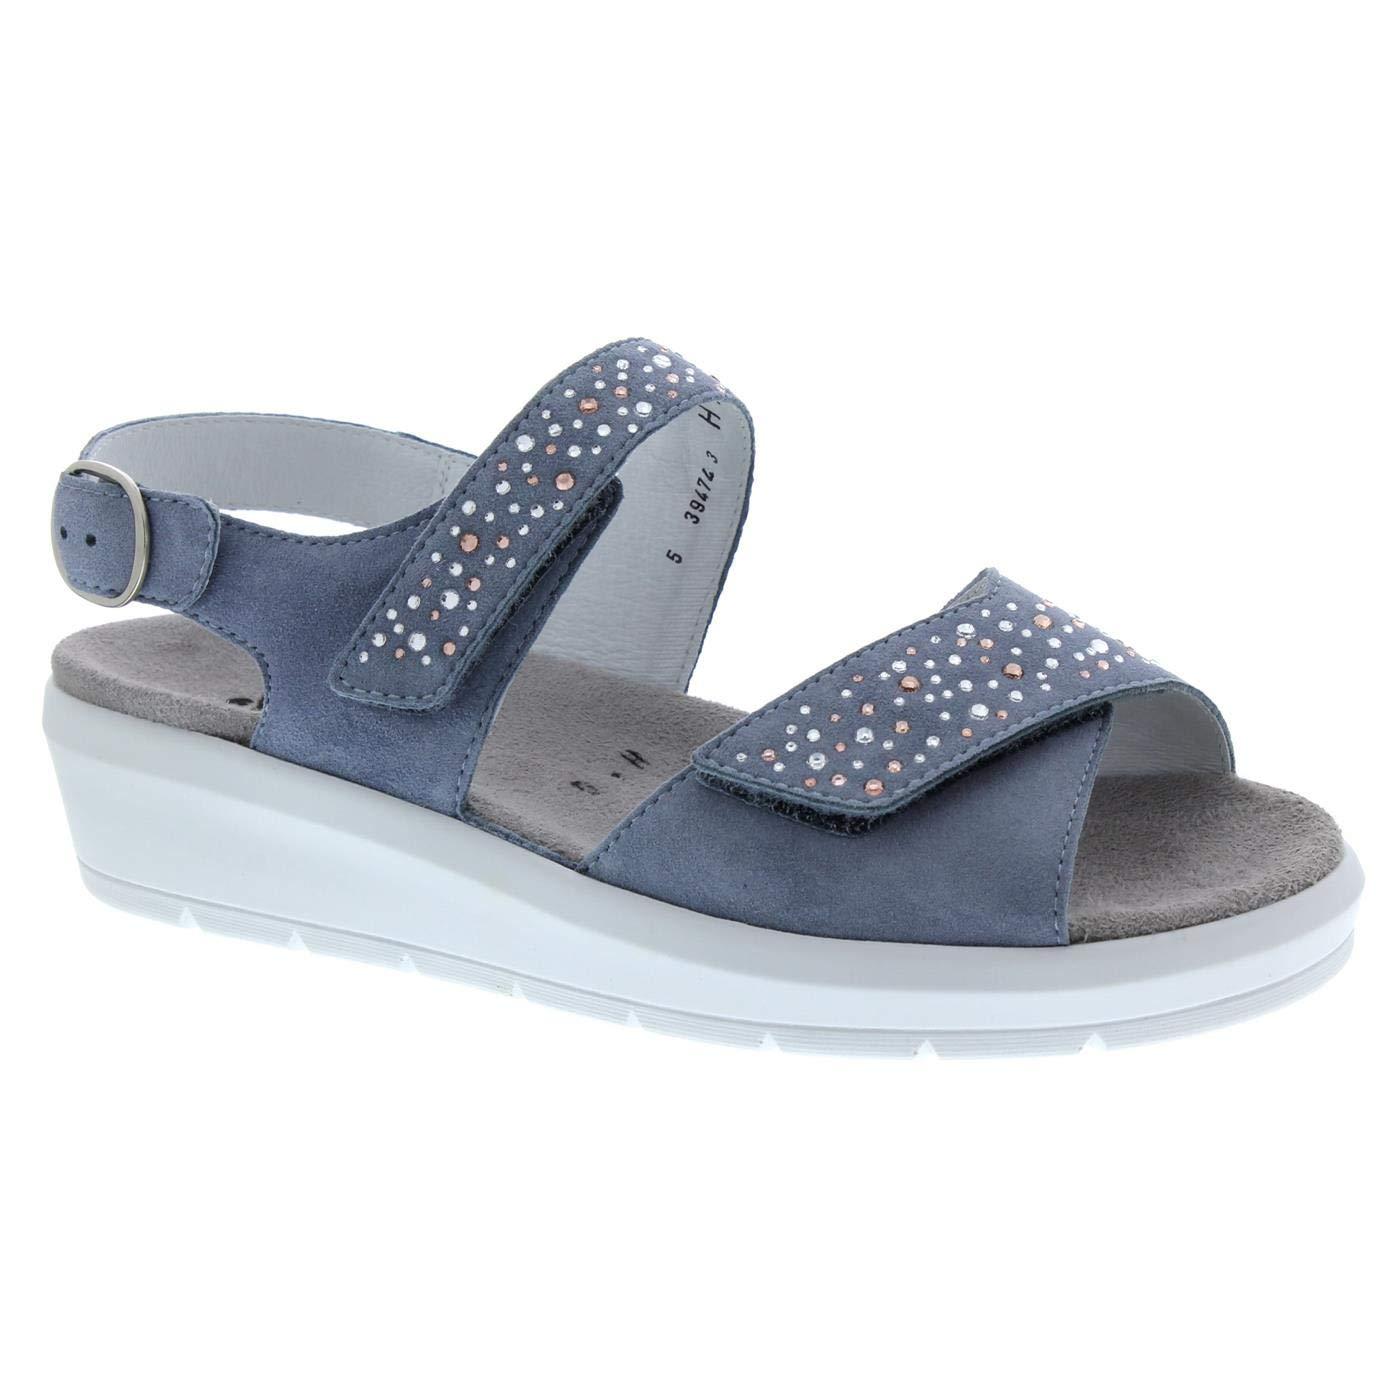 Blau Semler Damen Sandaletten SAMT-Chevro K5025042 076 blau 680902